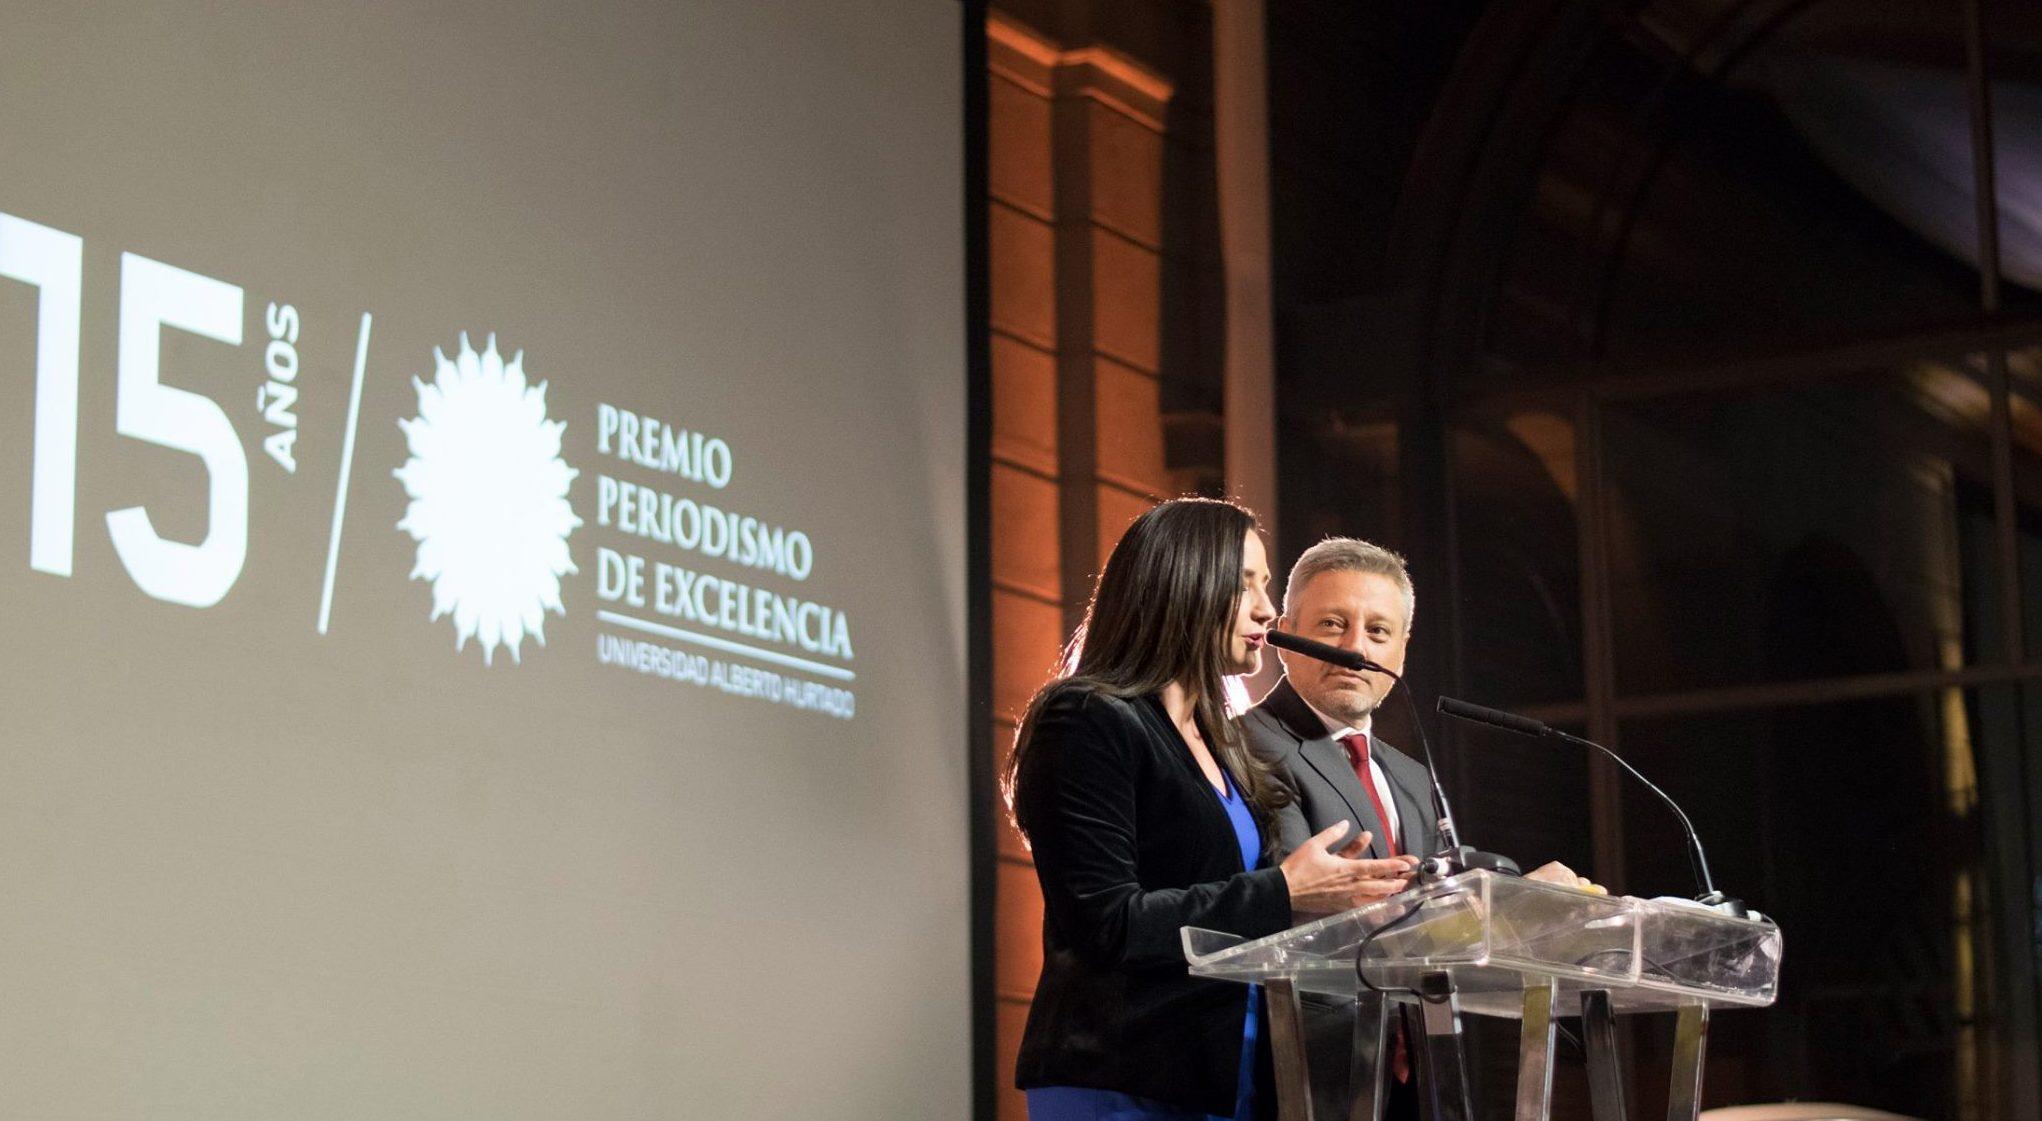 Ganadores del Premio Periodismo de Excelencia 2018